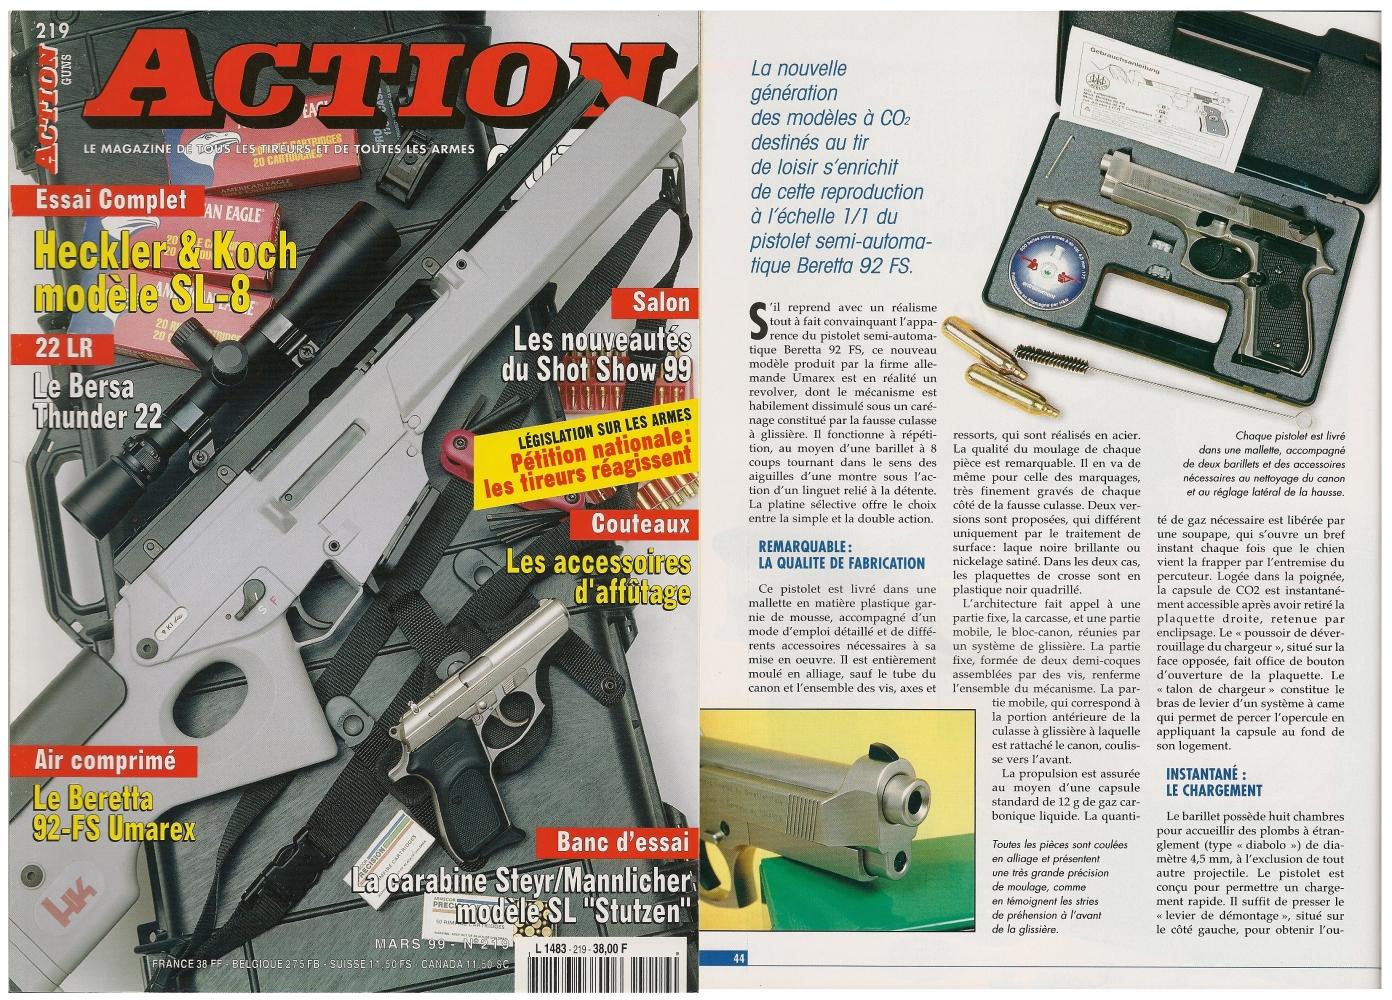 Le banc d'essai du pistolet Beretta 92 FS à CO2 a été publié sur 4 pages dans le magazine Action Guns n°219 (mars 1999)